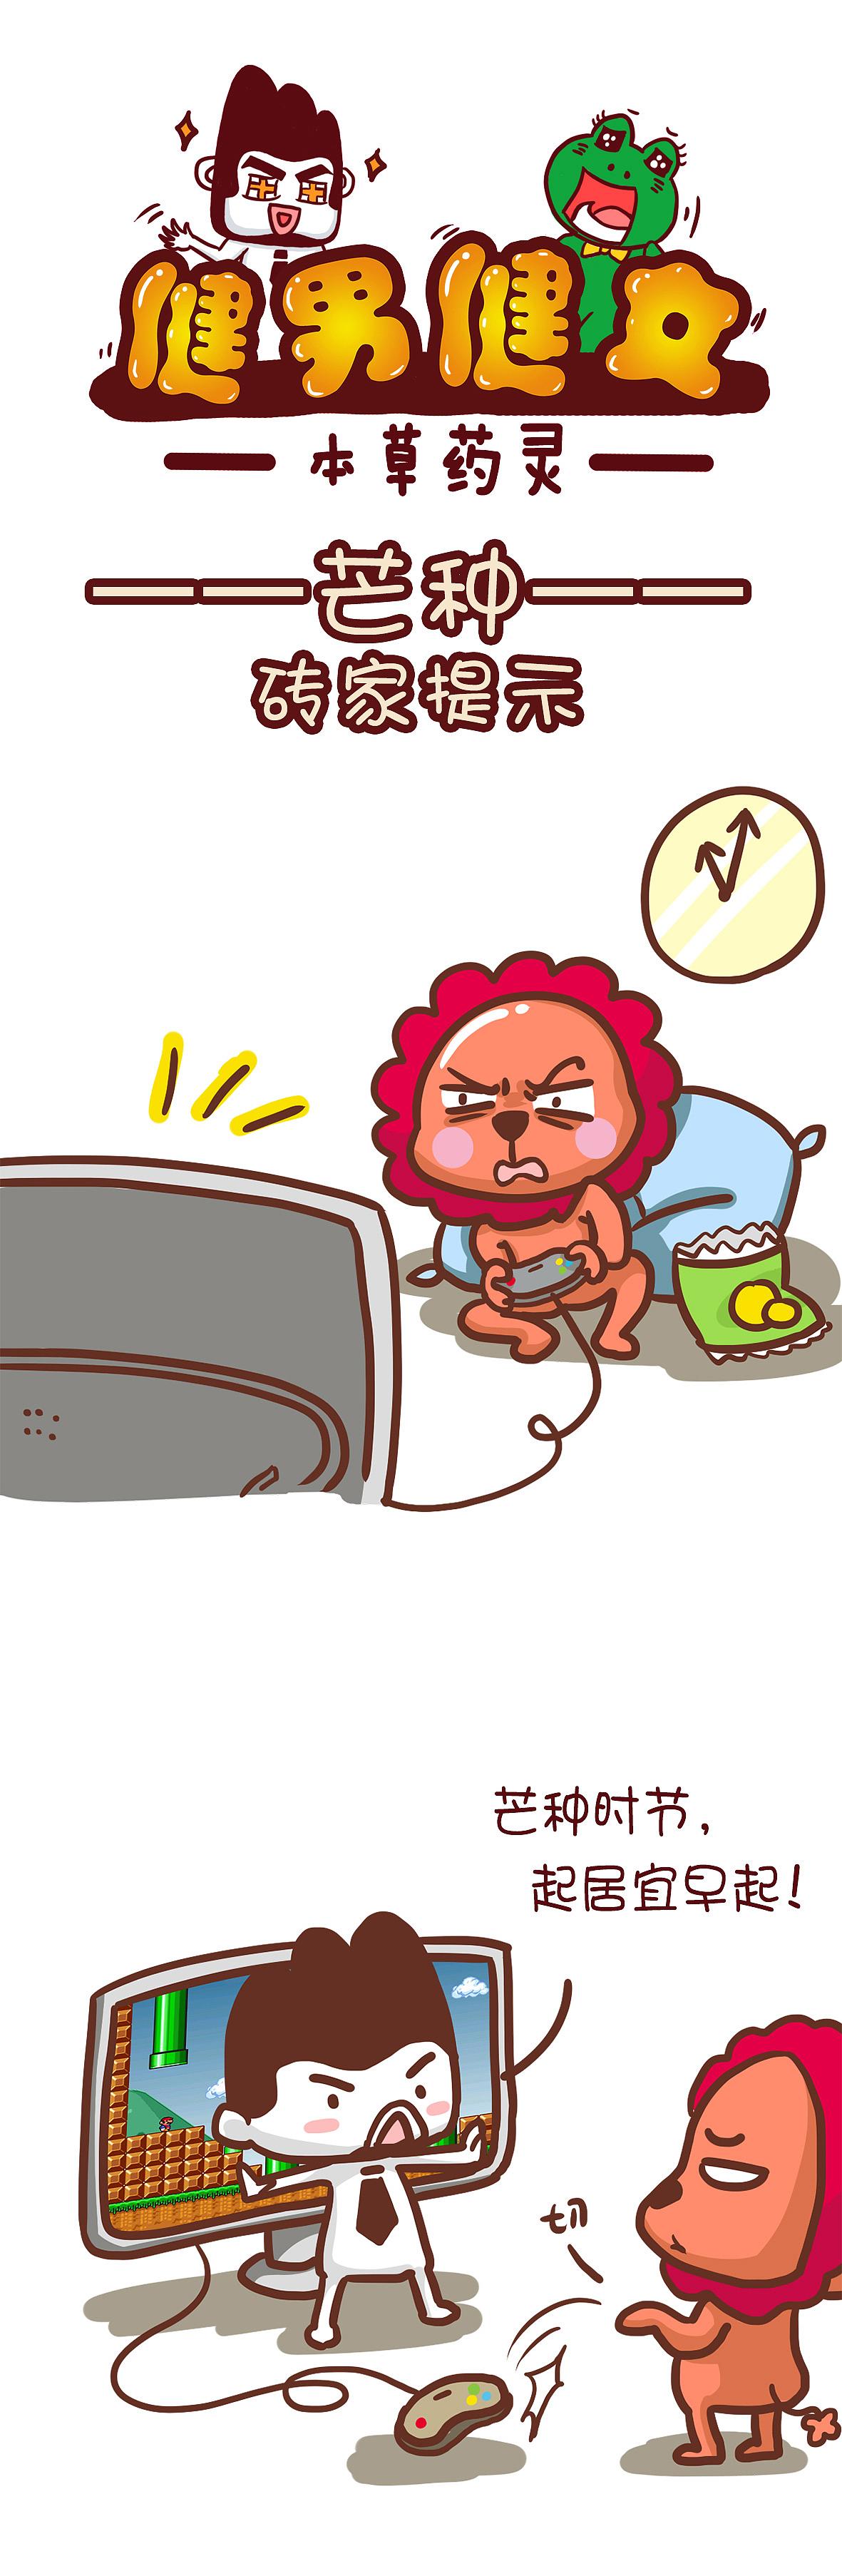 芒种|动漫|中/长篇漫画|健男健女 - 原创作品 - 站酷